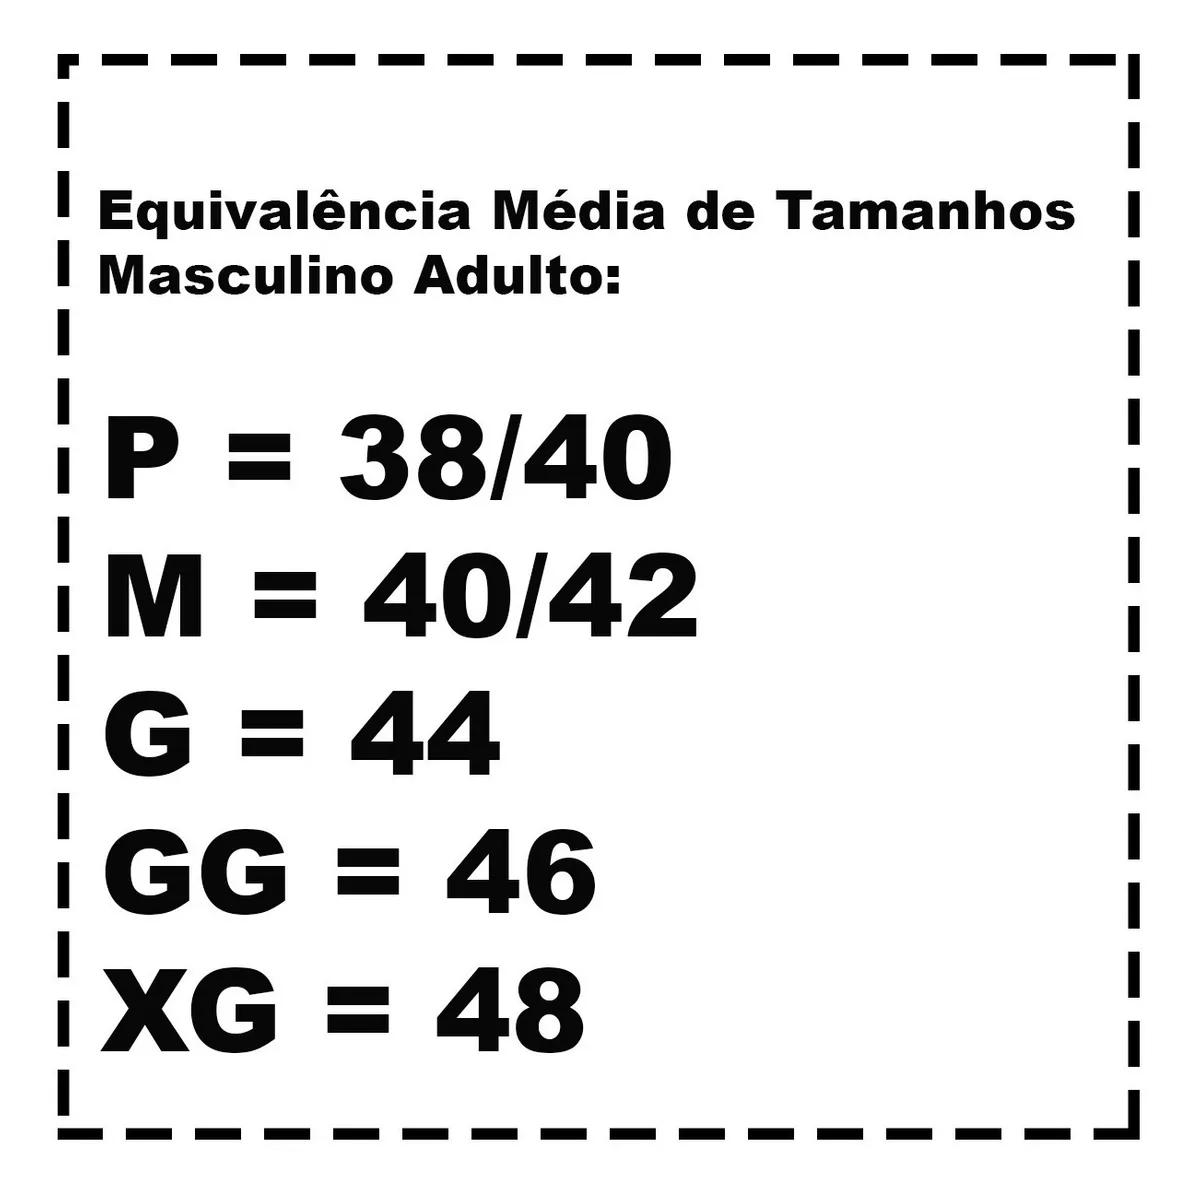 Samba Canção Cueca Short de Dormir Seda Masculino Adulto Ref: 4503